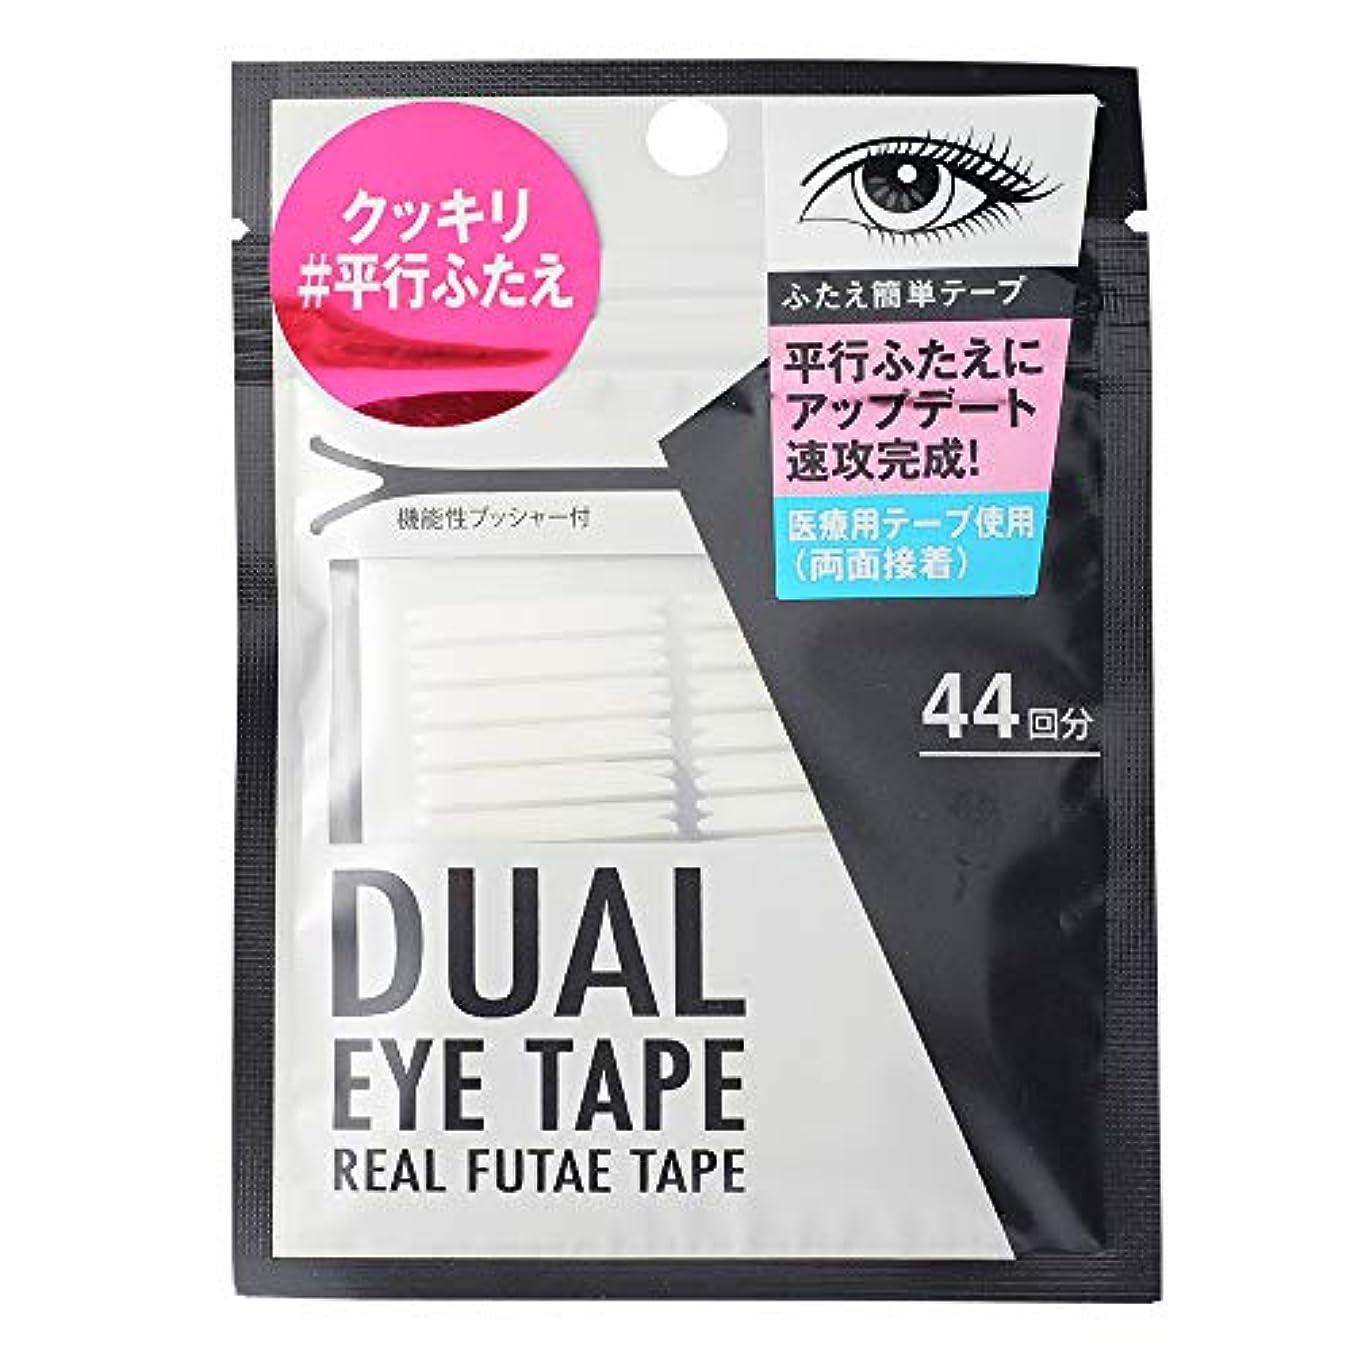 どこにでもする必要がある道路デュアルアイテープ (平行ふたえ両面接着テープ) (44回分)